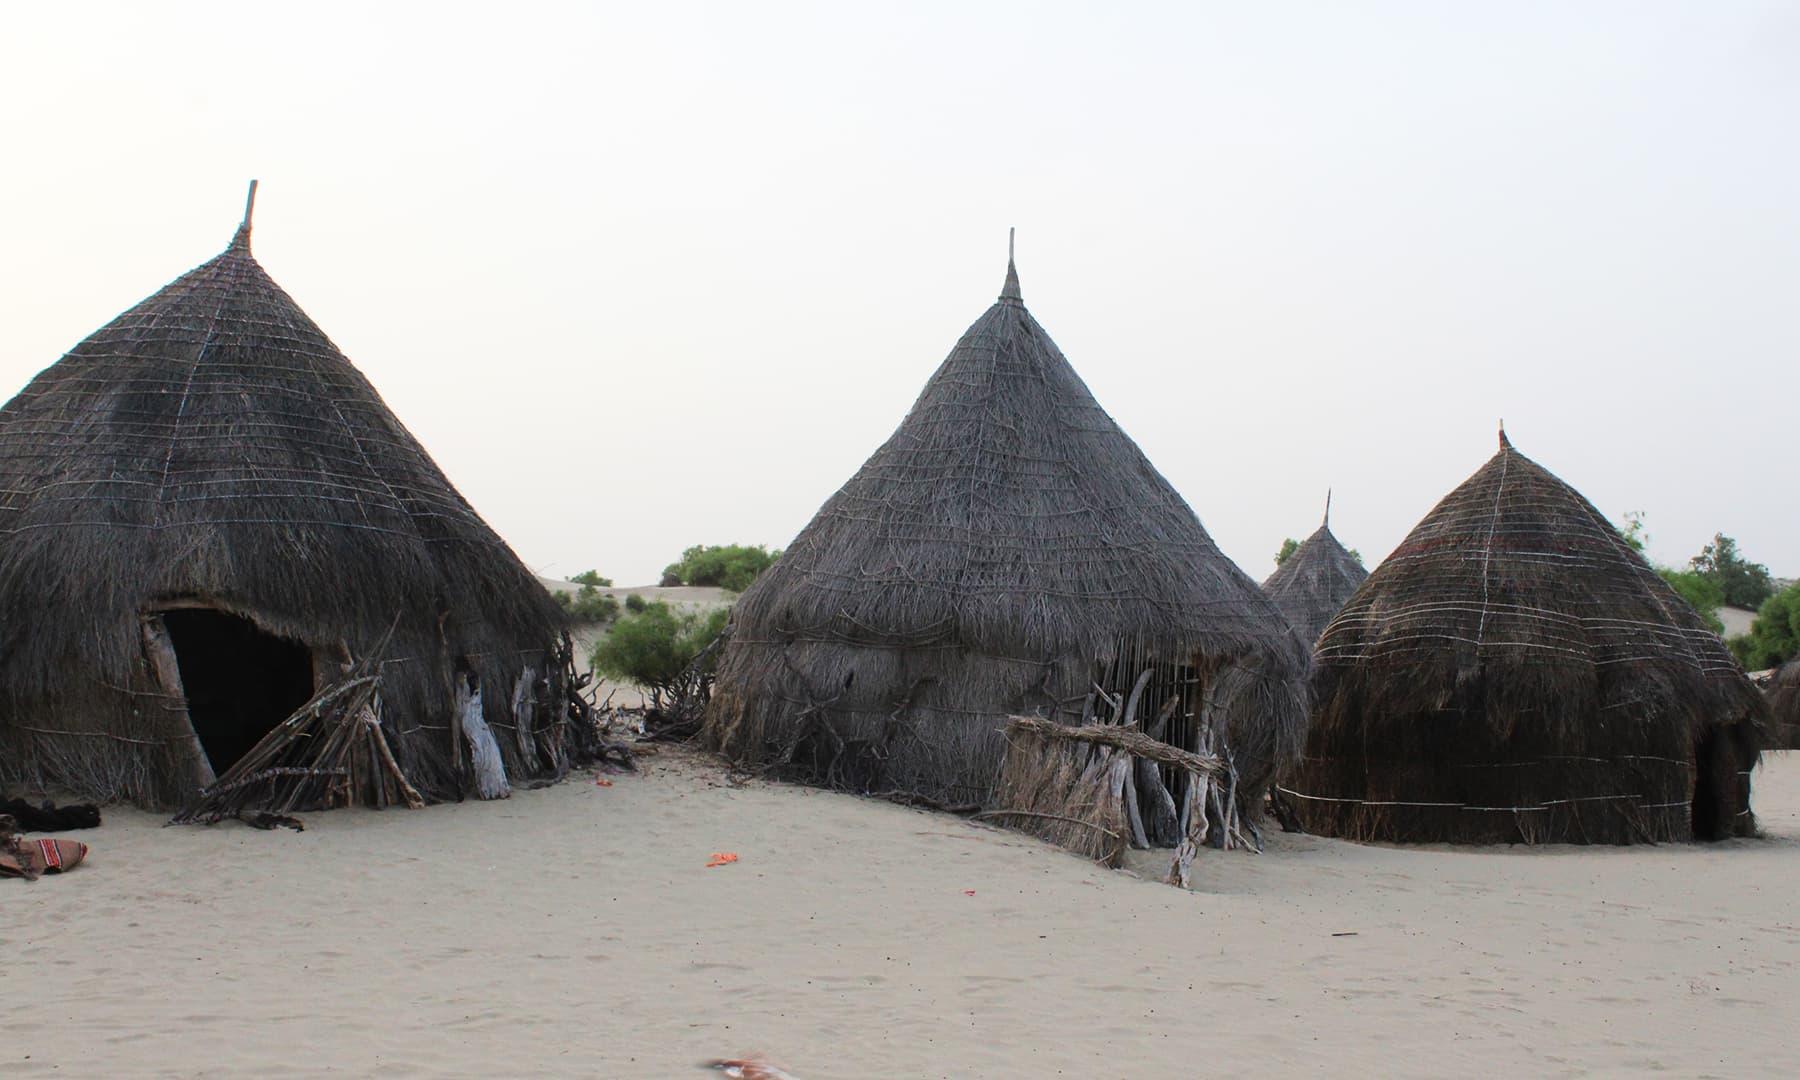 اچھڑو تھر میں بھیل قبیلے کے گھر—تصویر اختر حفیظ